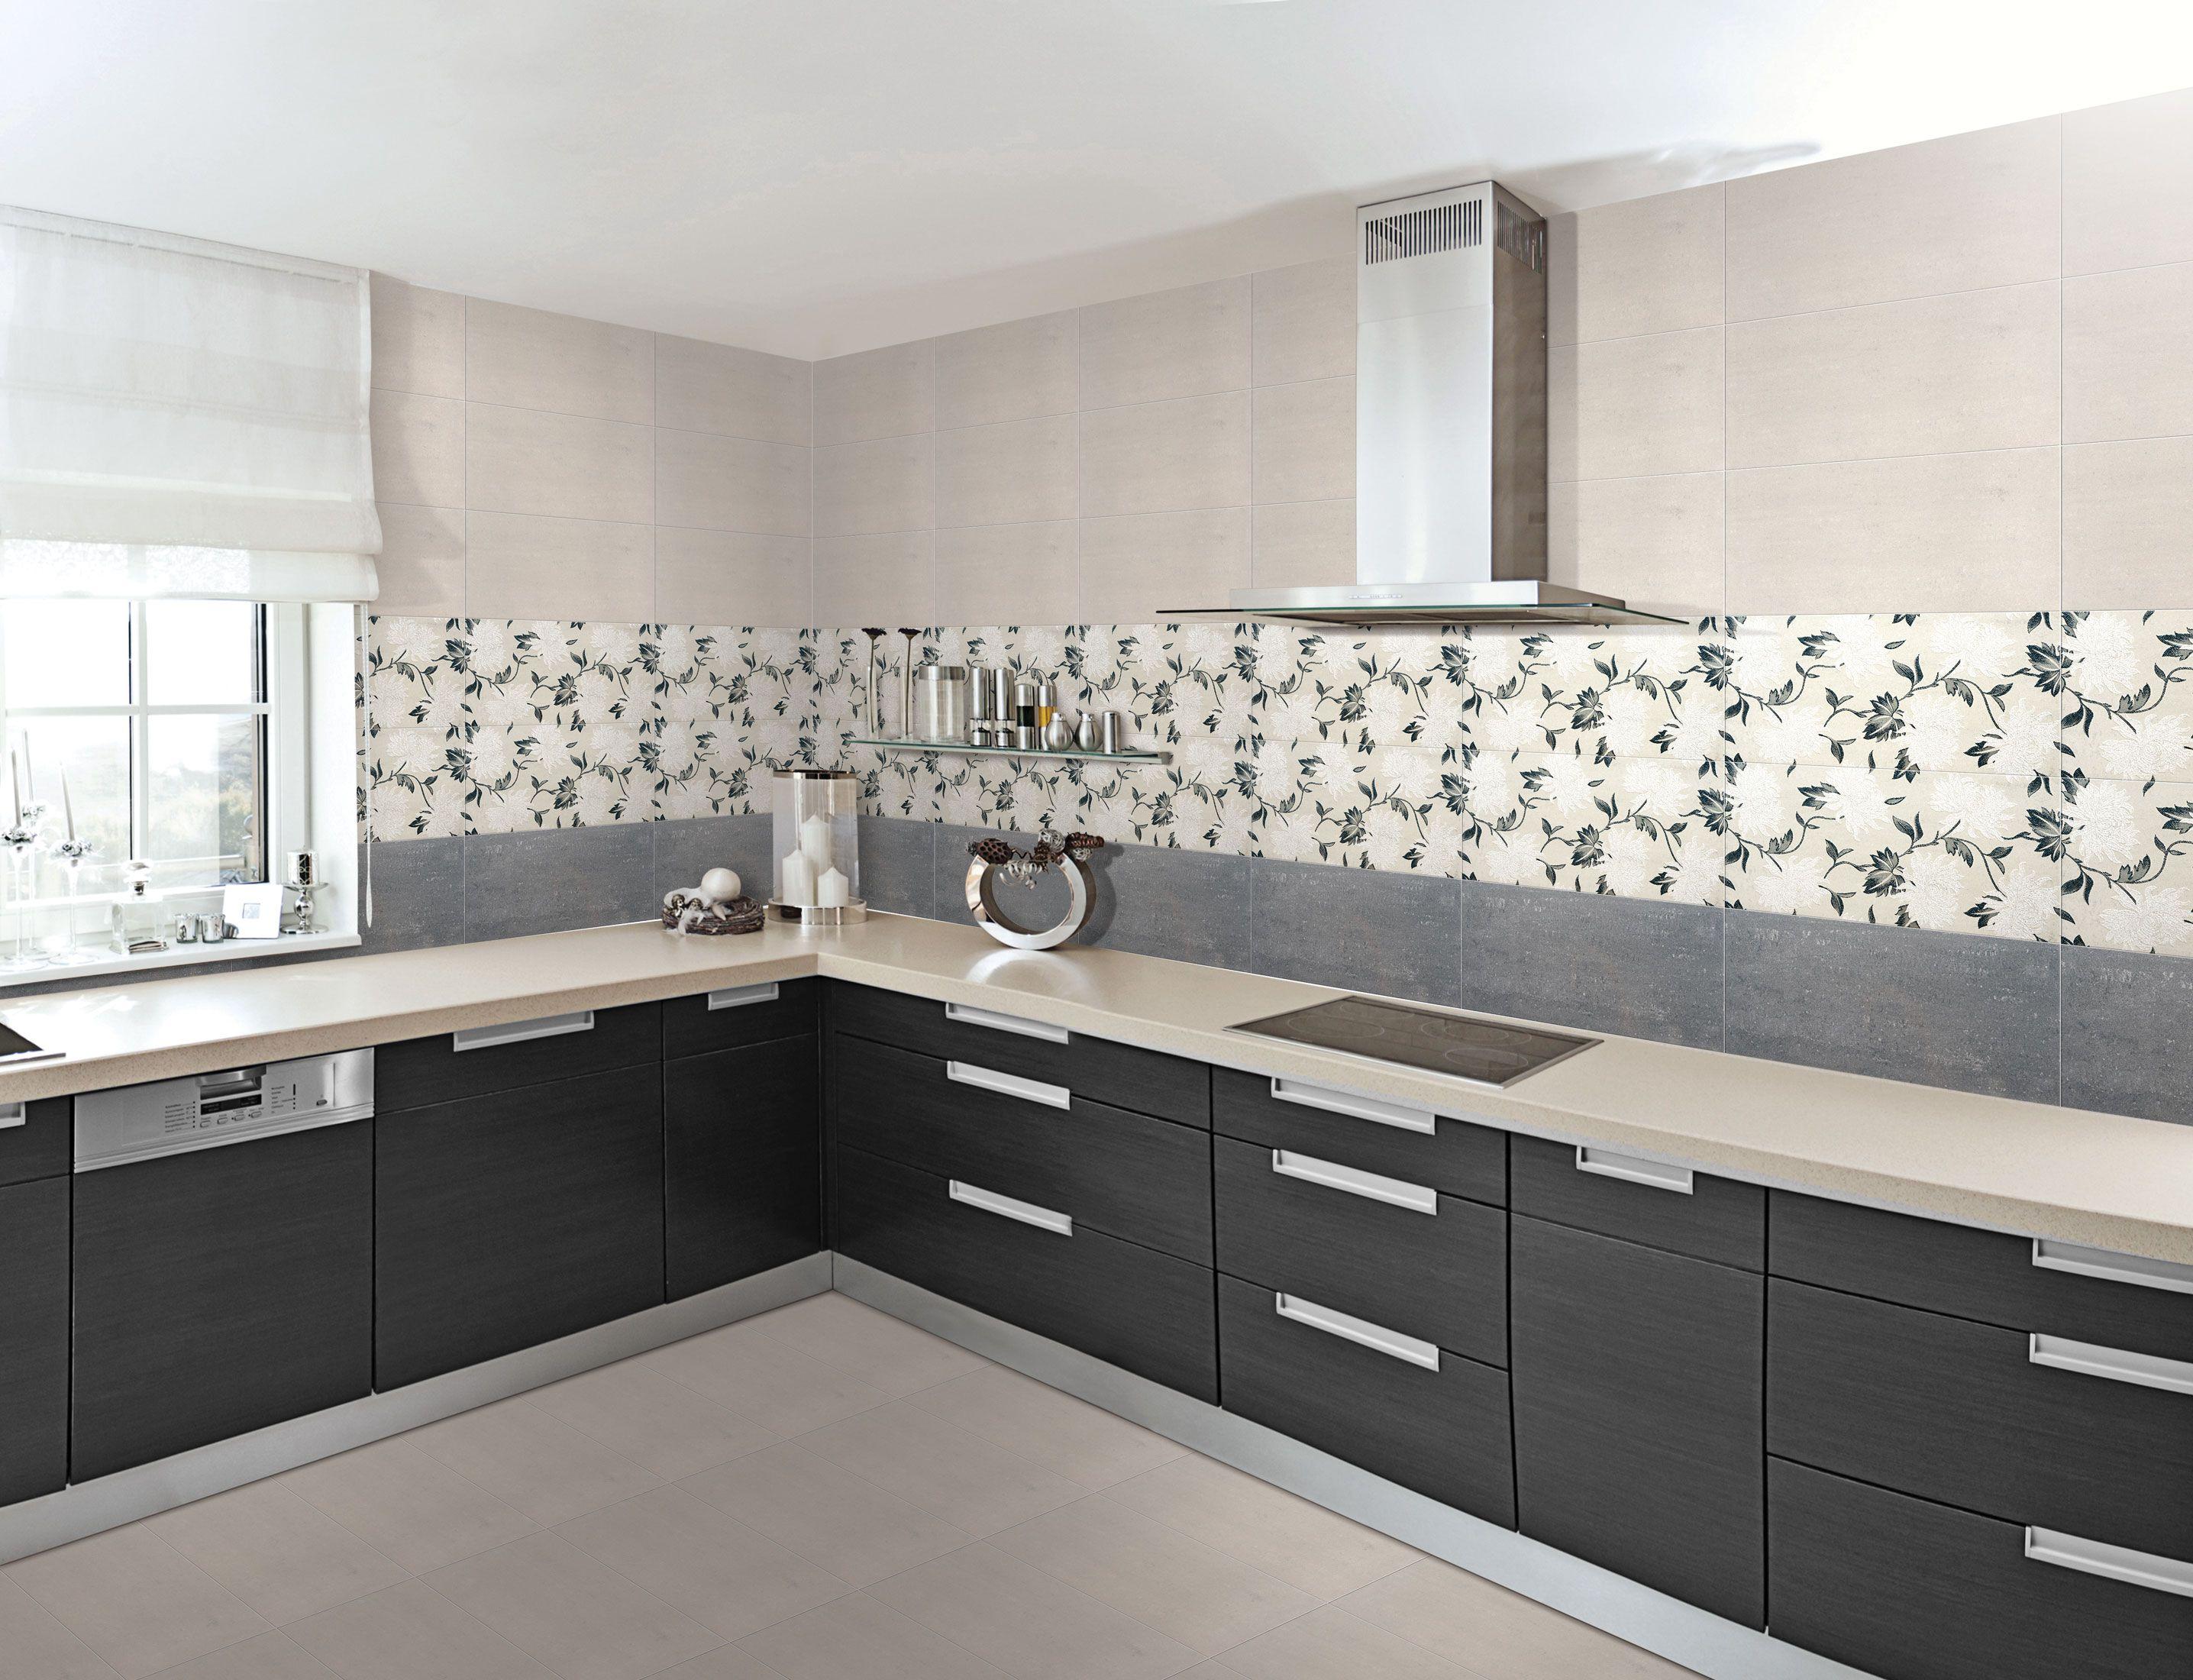 Buy Designer Floor, Wall #Tiles for Bathroom, Bedroom, # ...